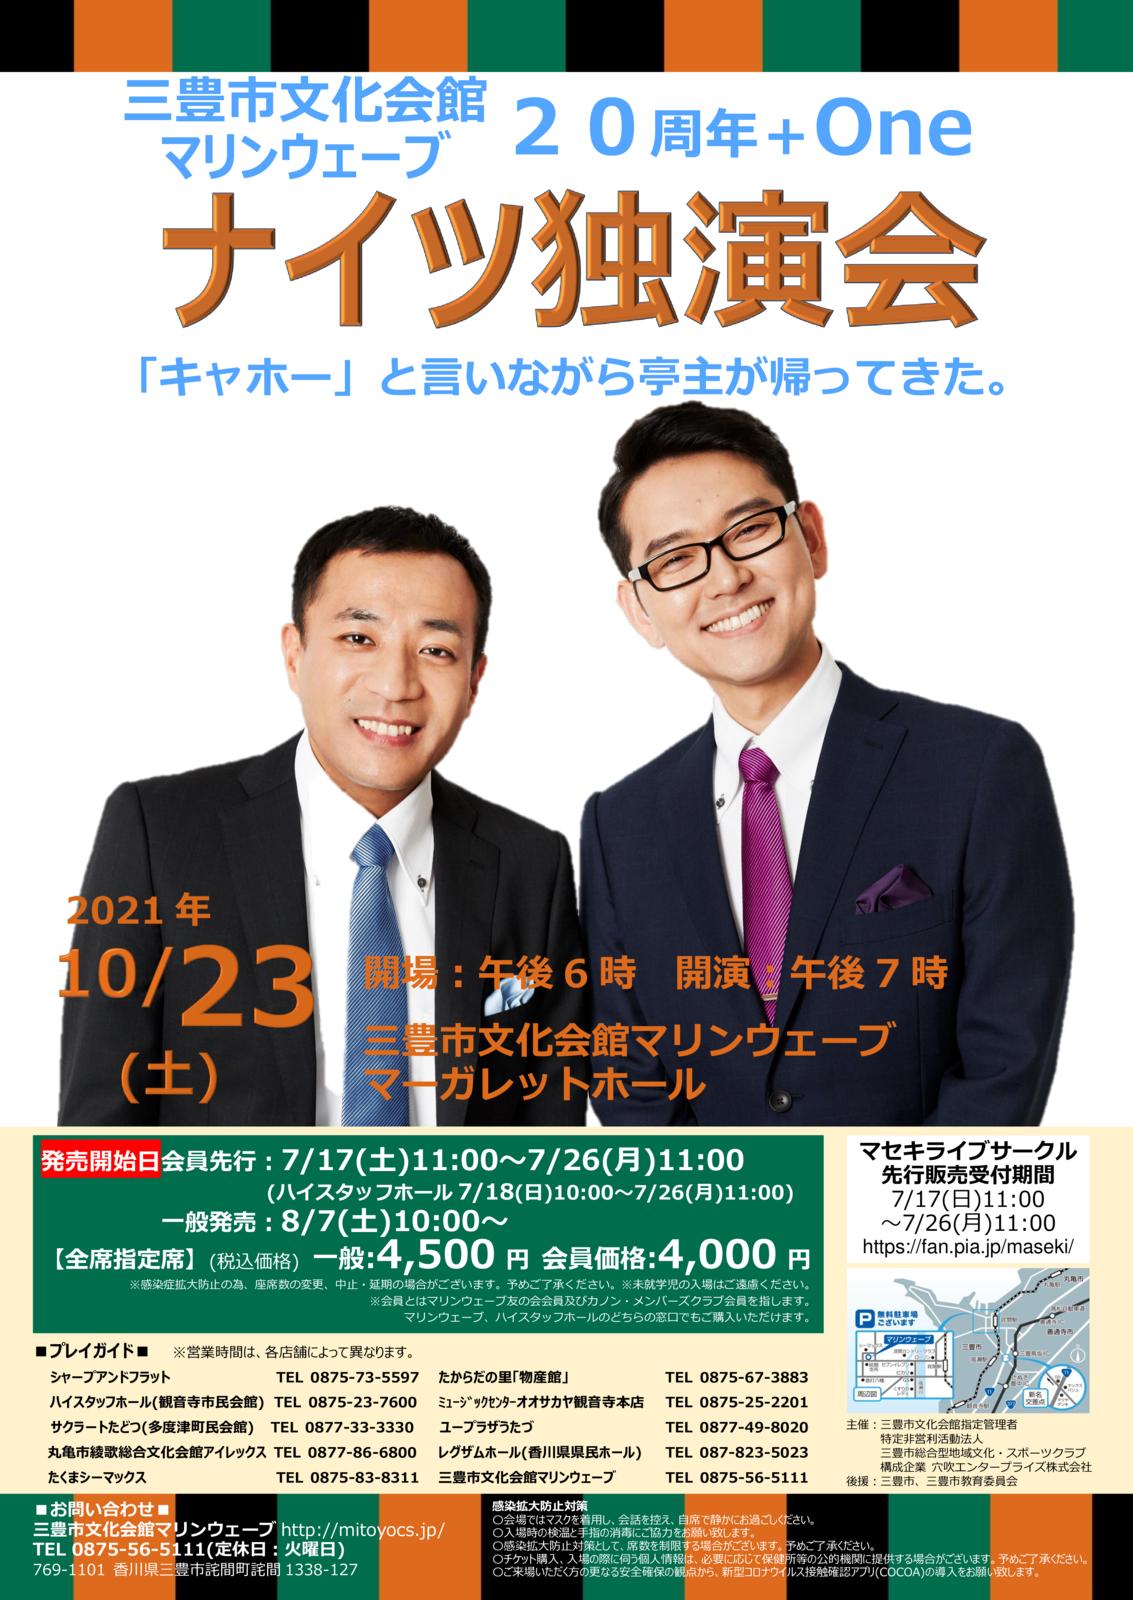 20211023ナイツ独演会ポスターのサムネイル